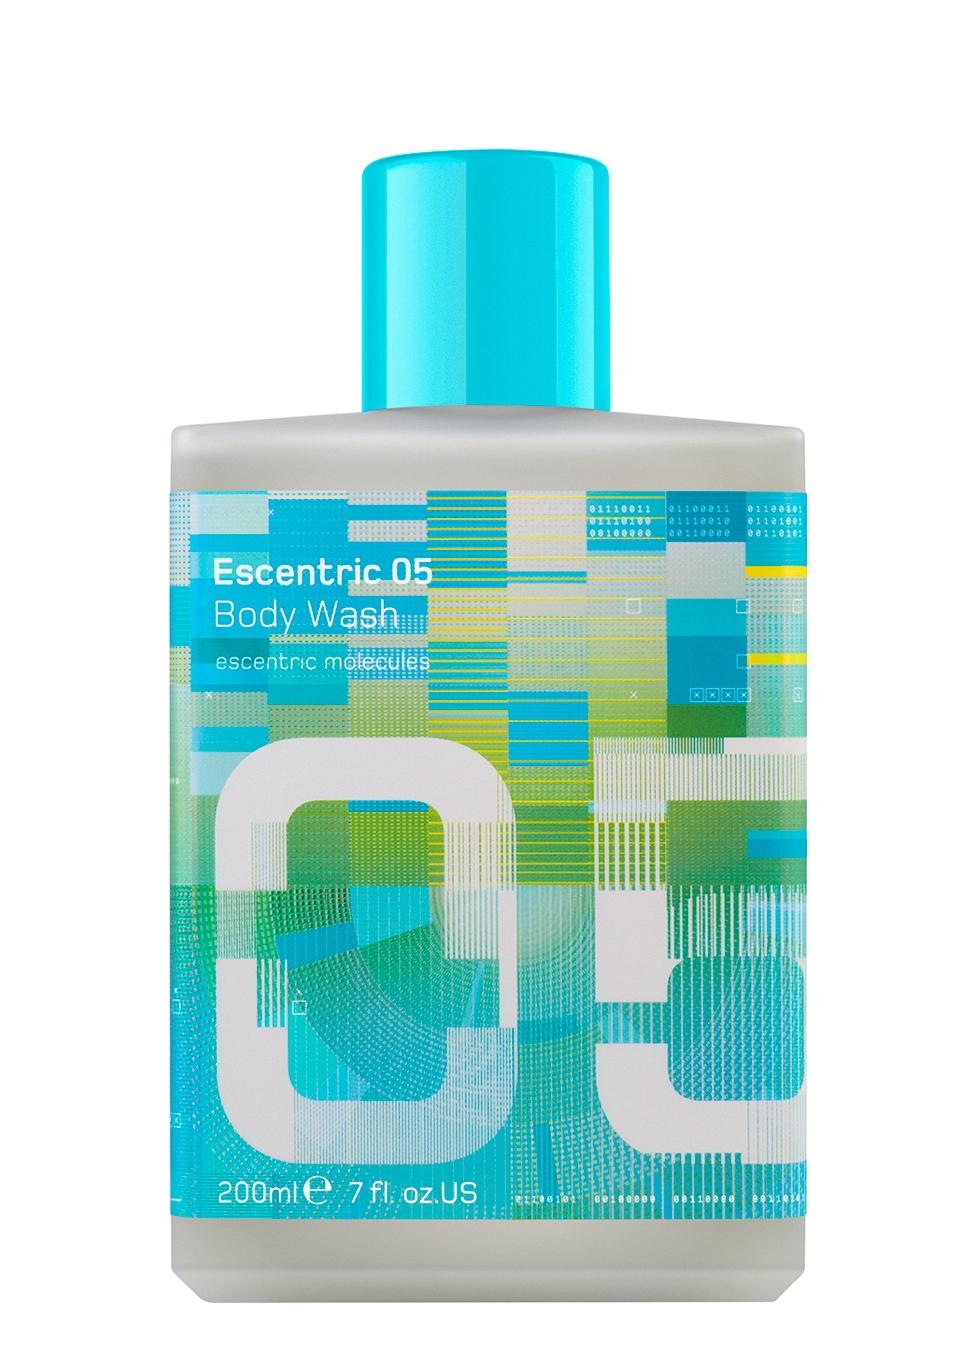 Escentric 05 Body Wash 200ml